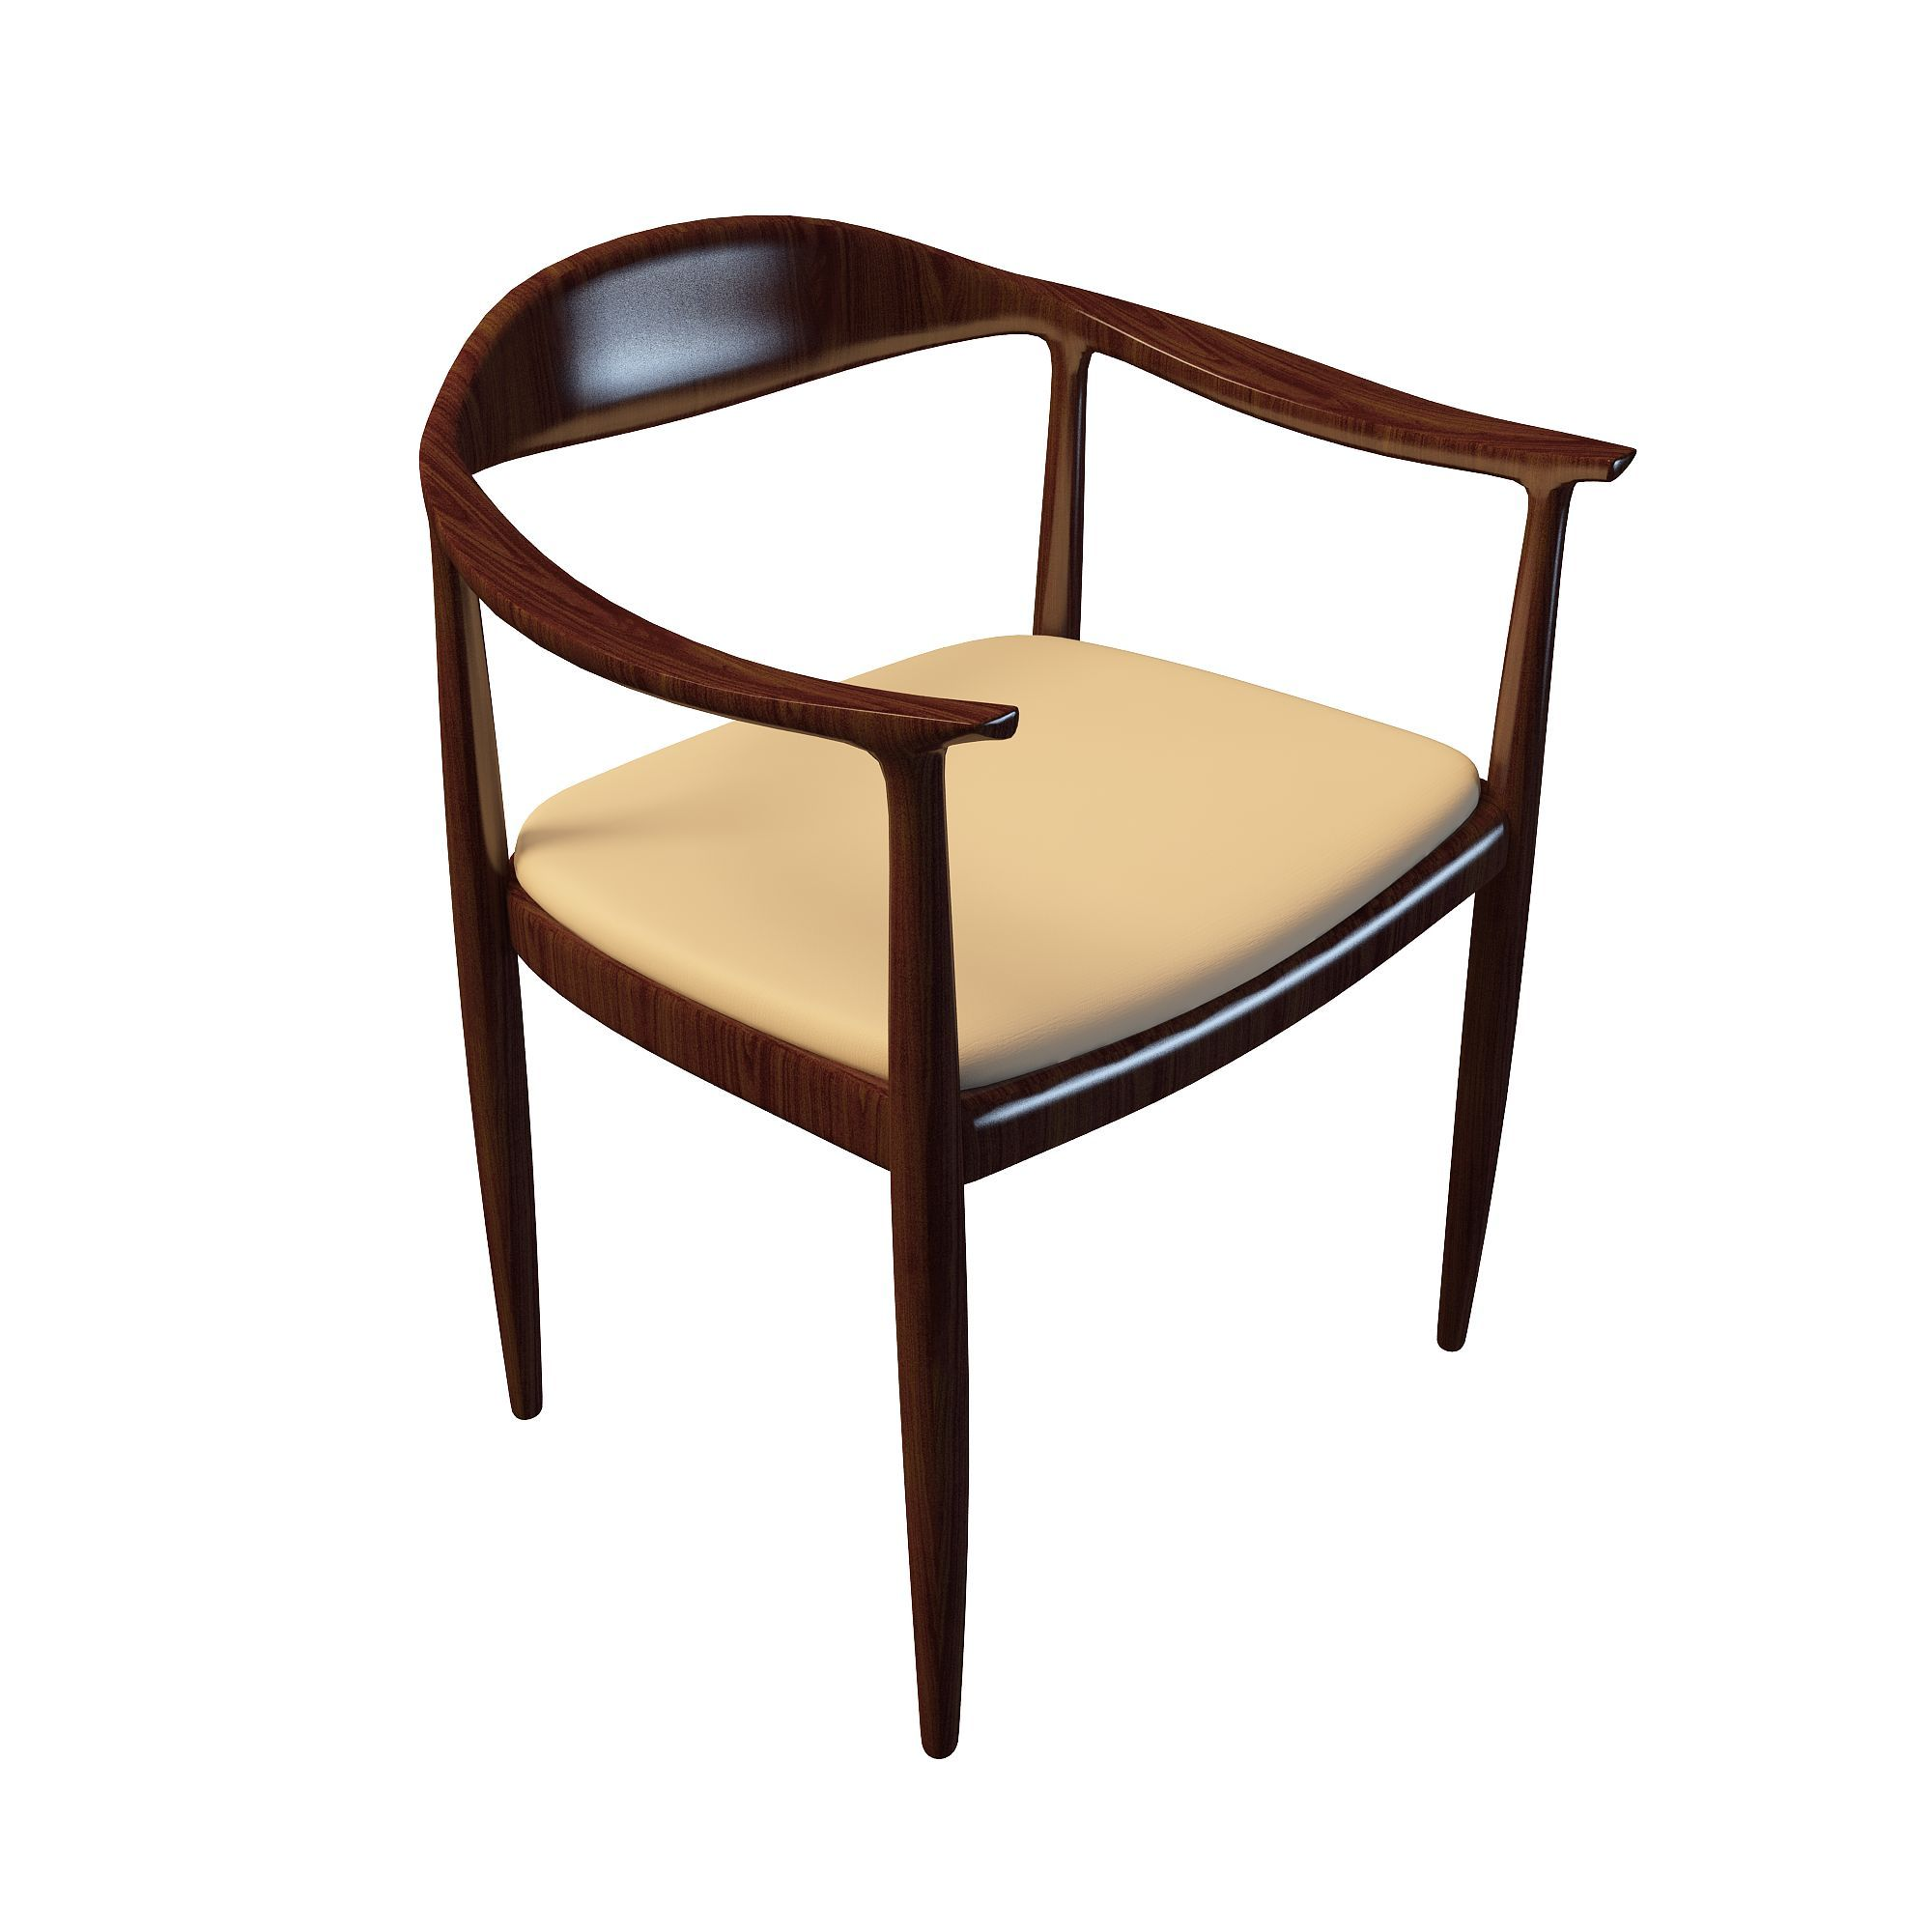 实木休闲椅高清图下载